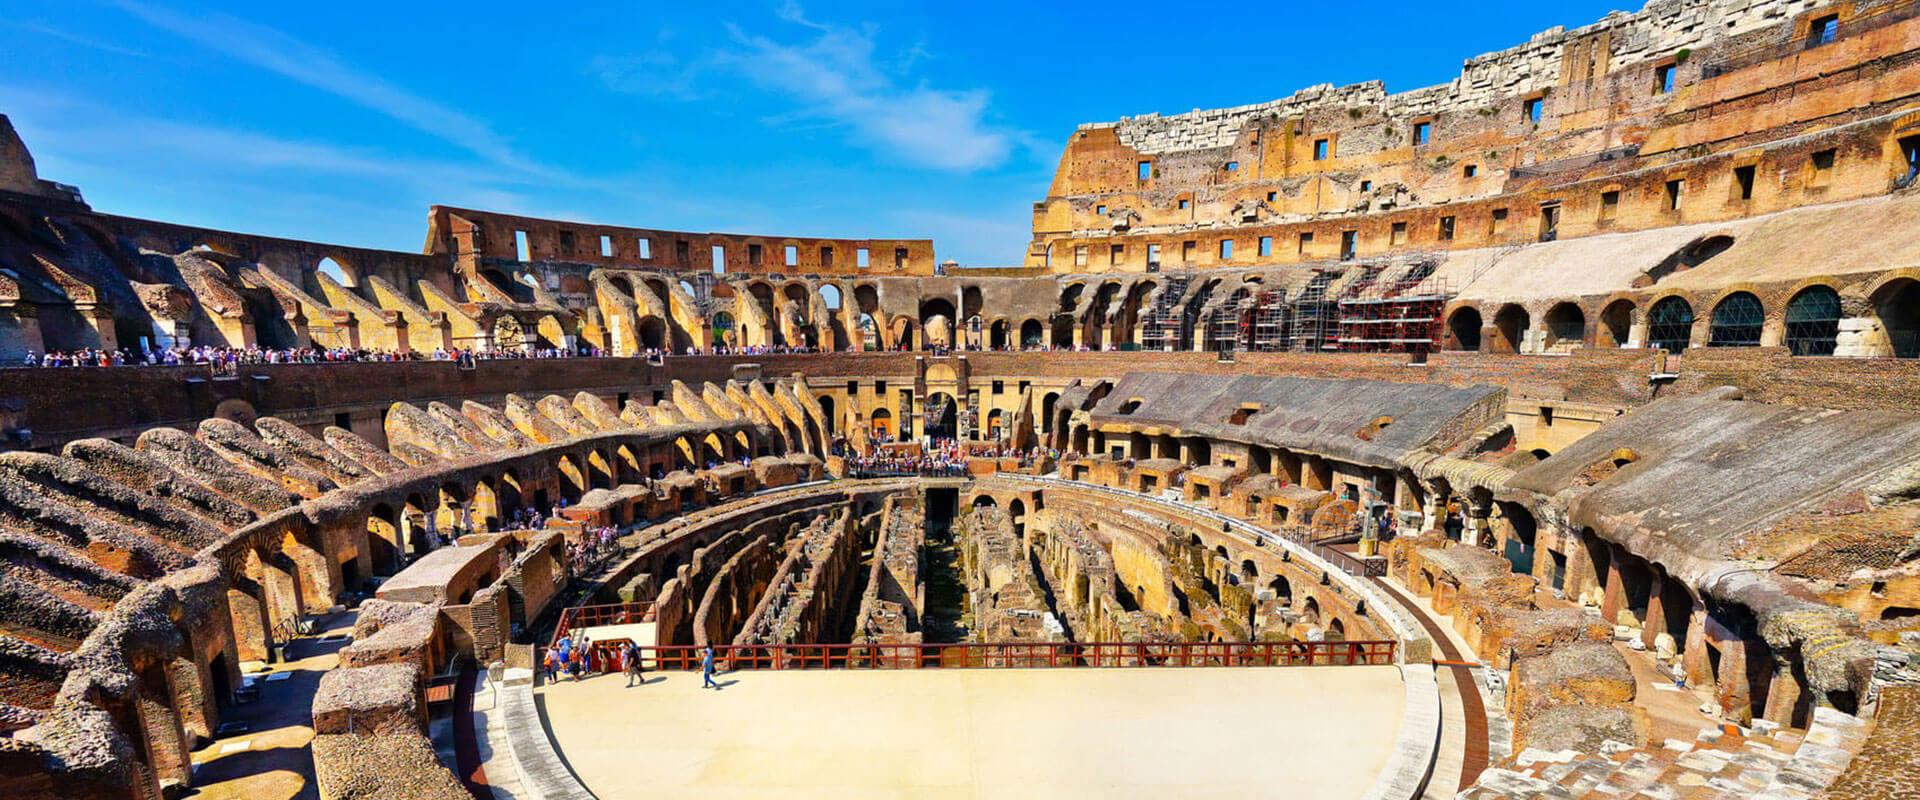 Gladiator Tours Rome